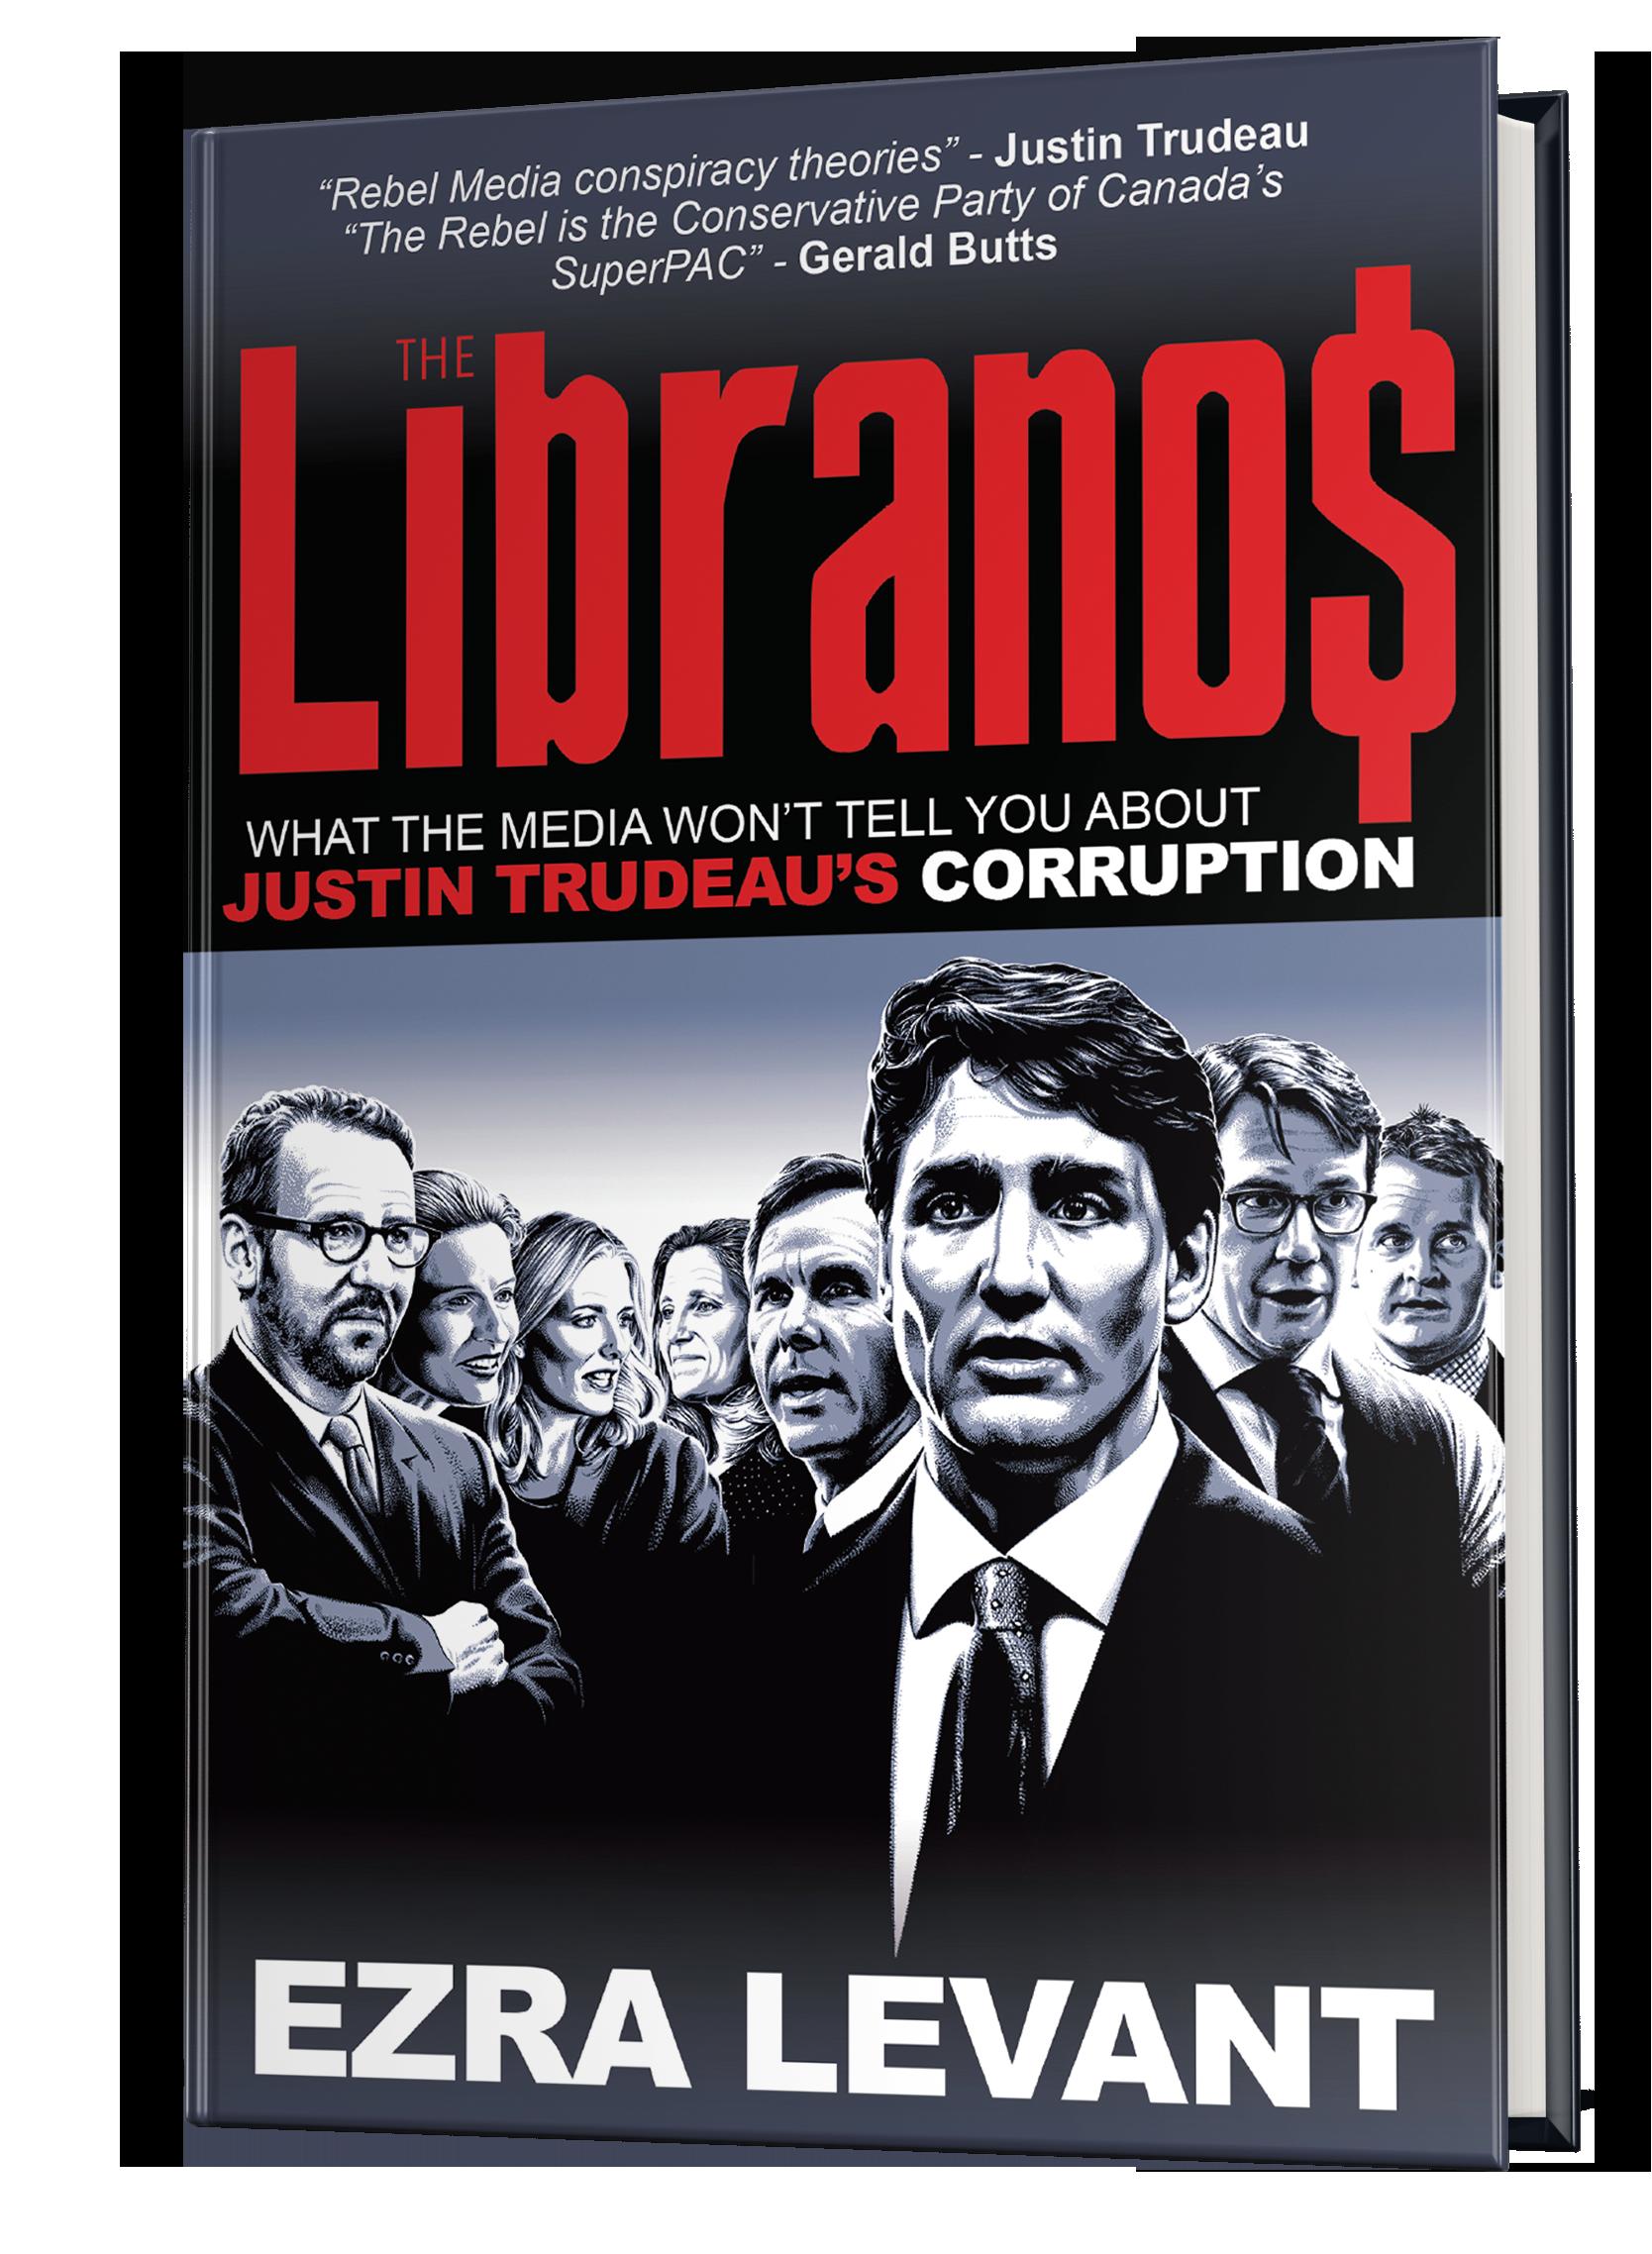 The Libranos